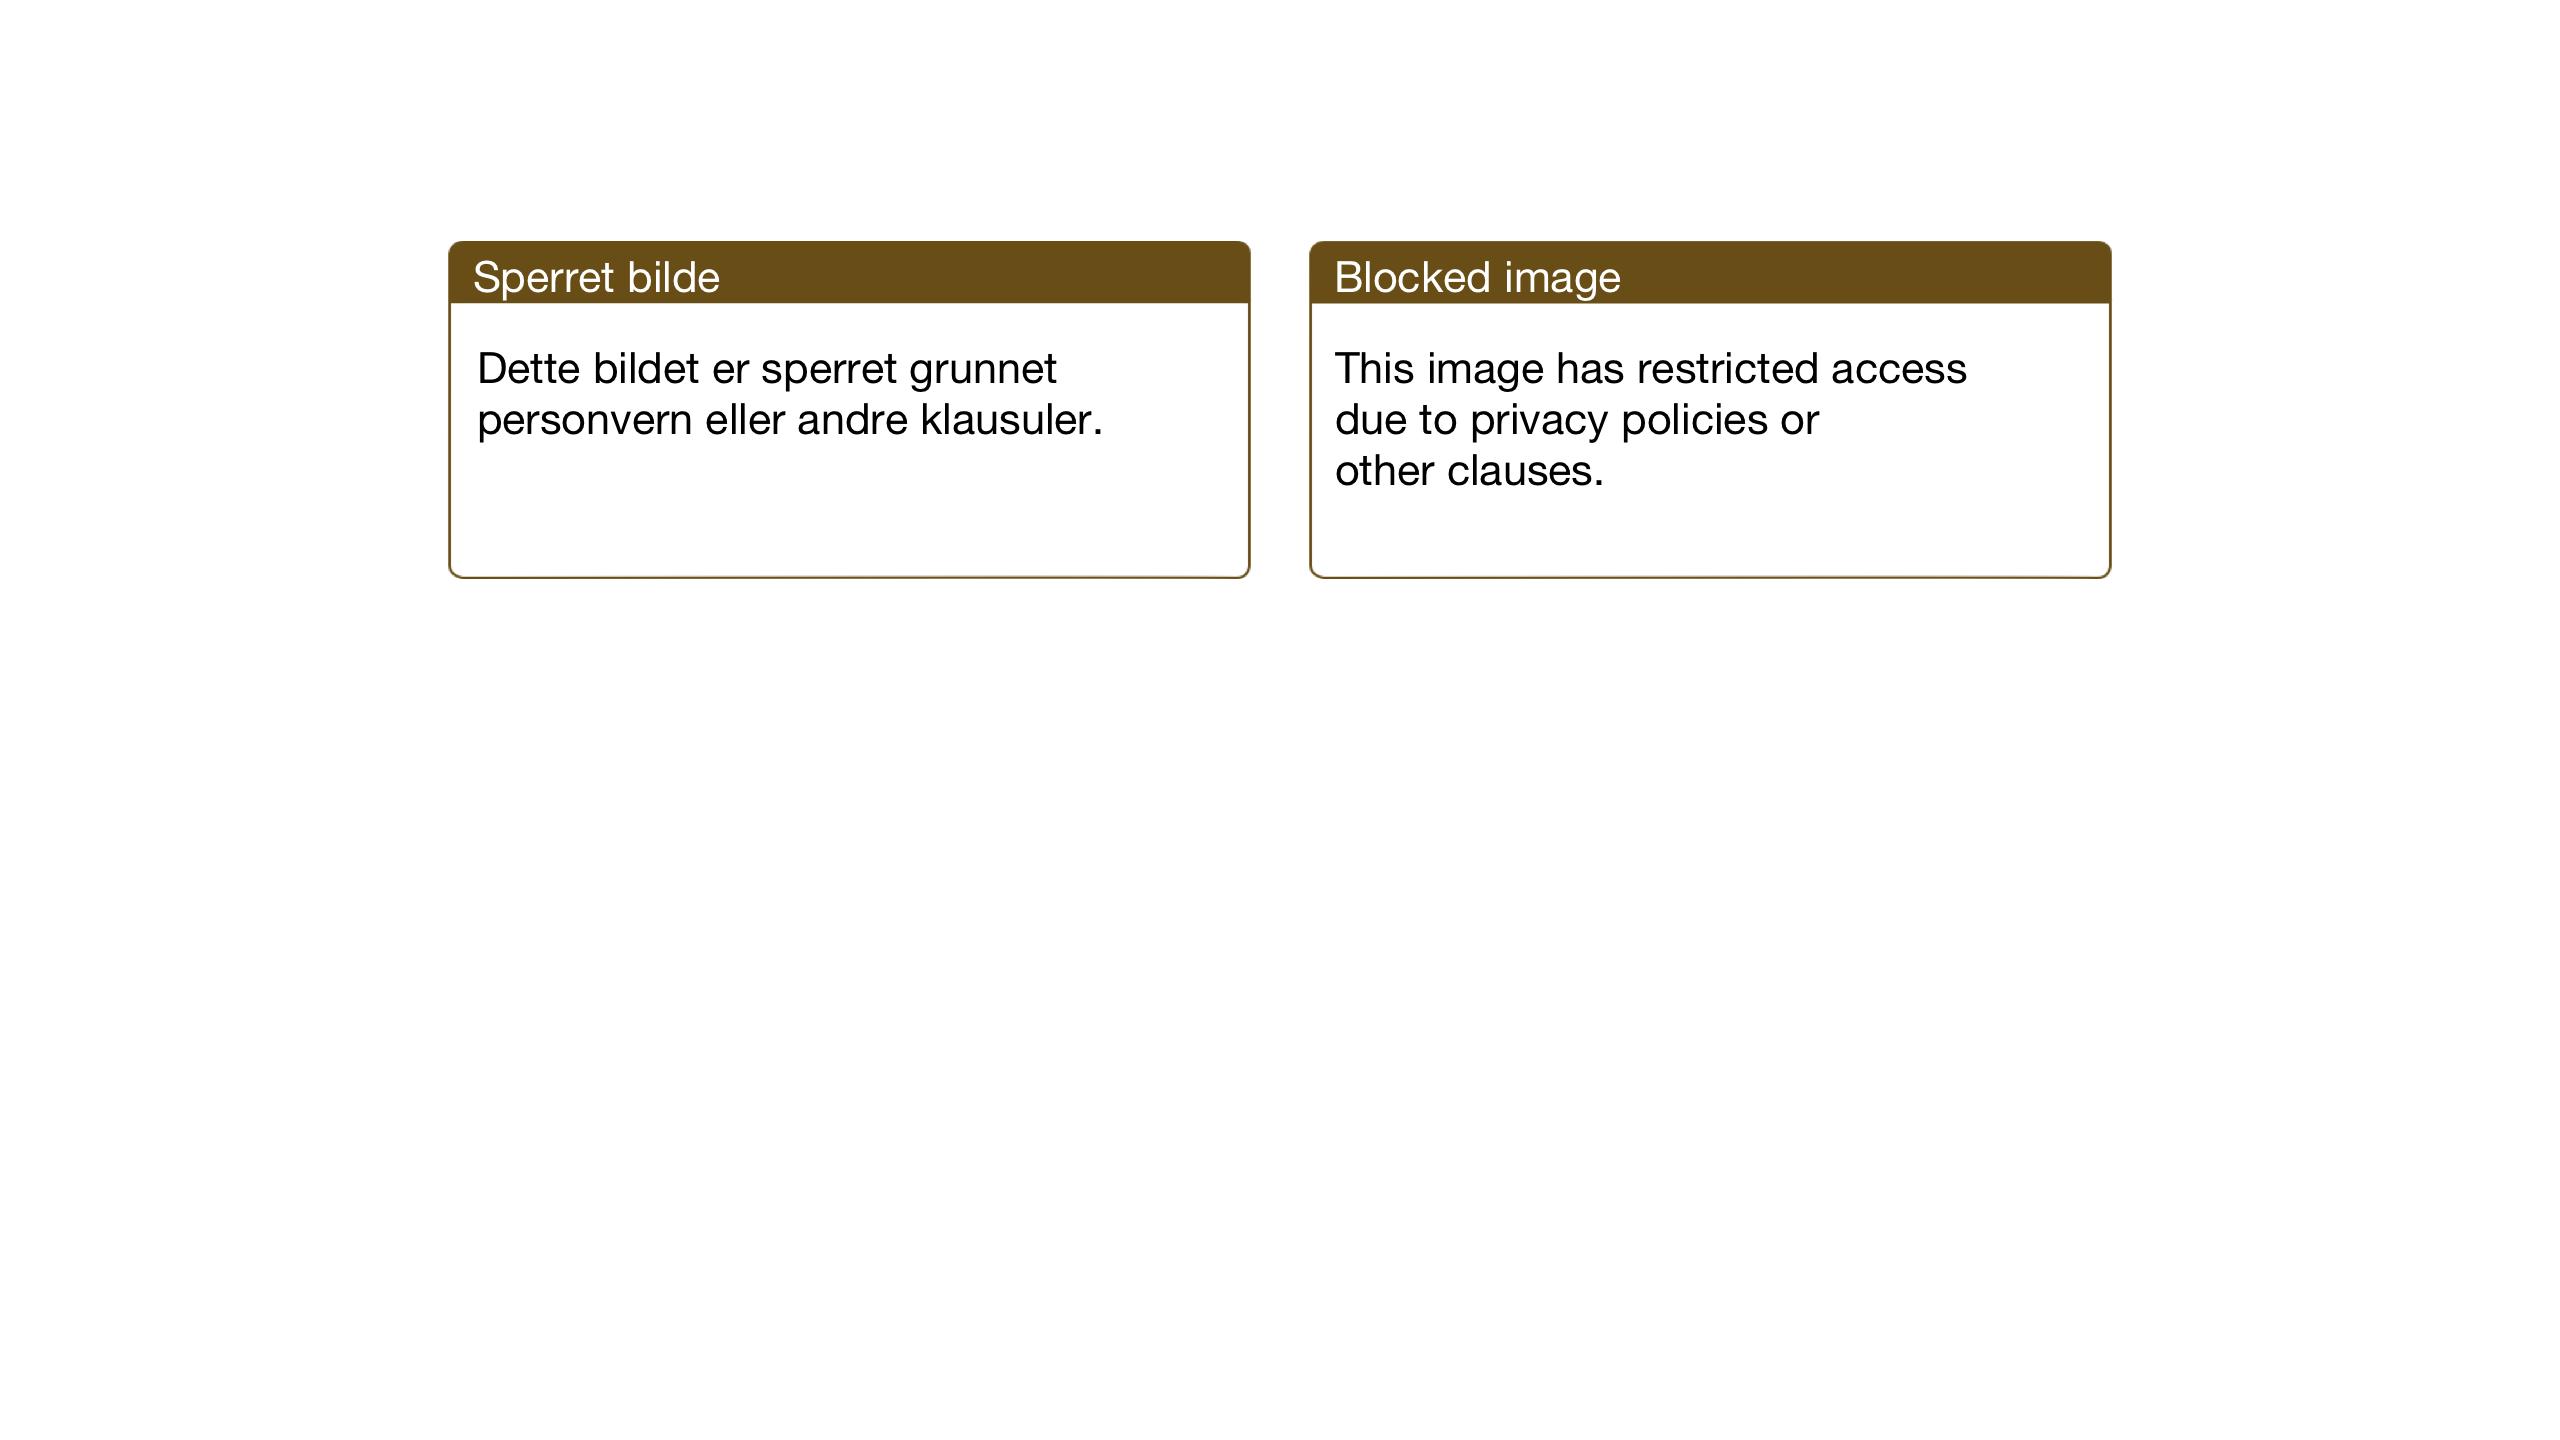 SAT, Ministerialprotokoller, klokkerbøker og fødselsregistre - Sør-Trøndelag, 603/L0174: Klokkerbok nr. 603C02, 1923-1951, s. 181